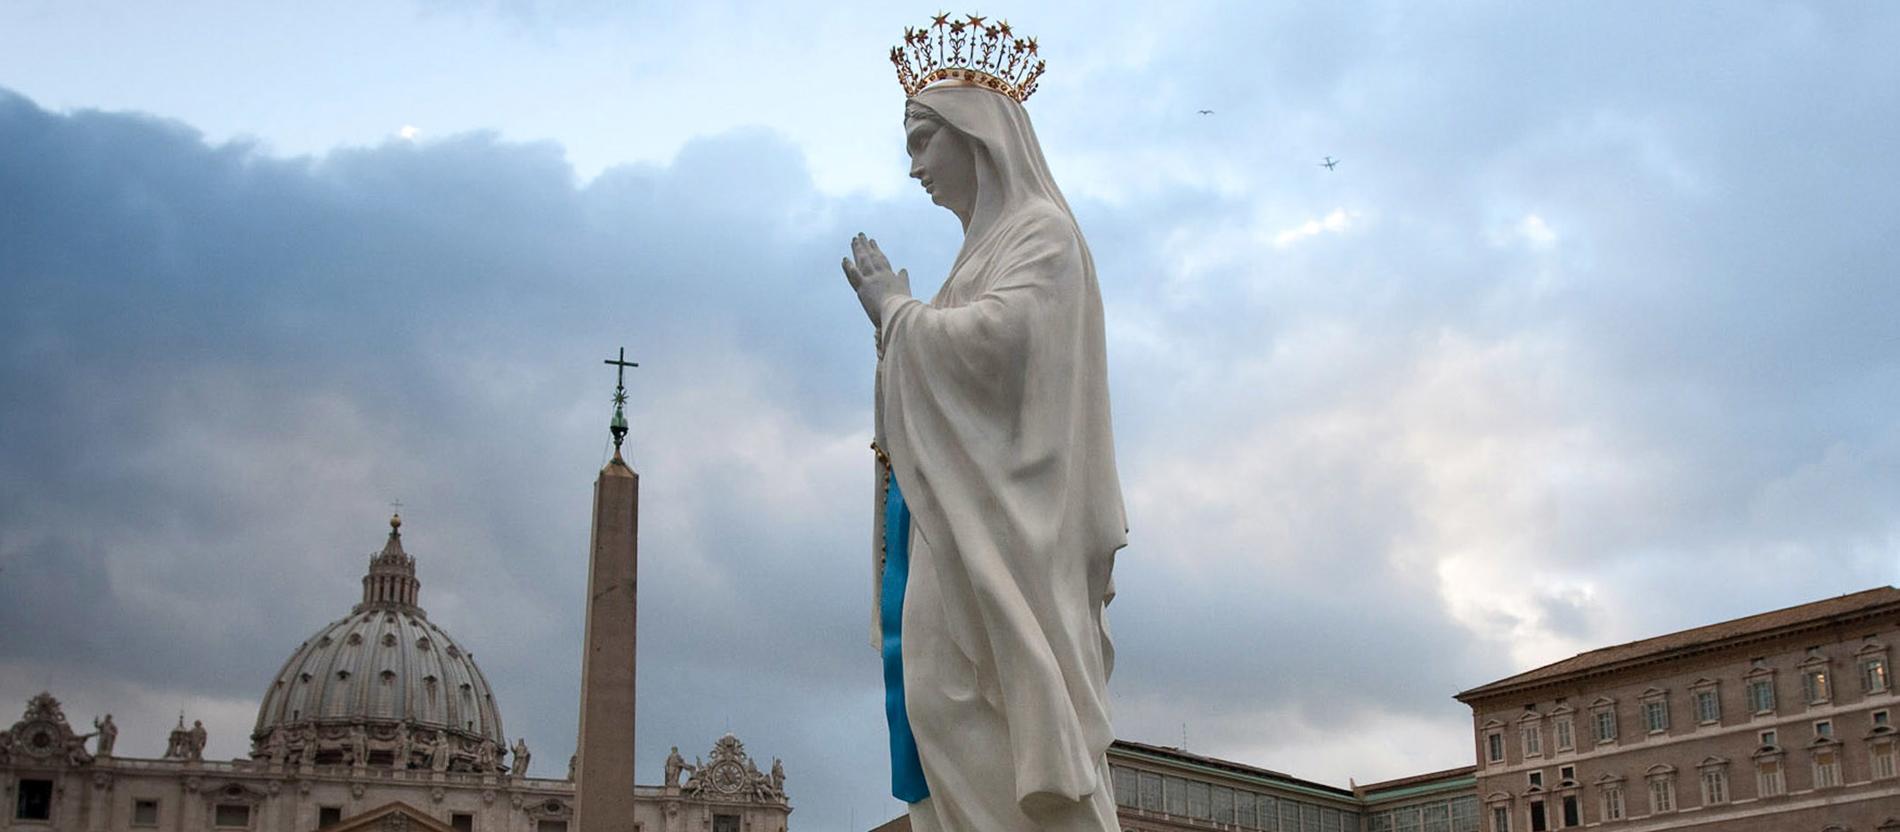 Hochfest der ohne Erbsünde empfangenen Jungfrau und Gottesmutter Maria